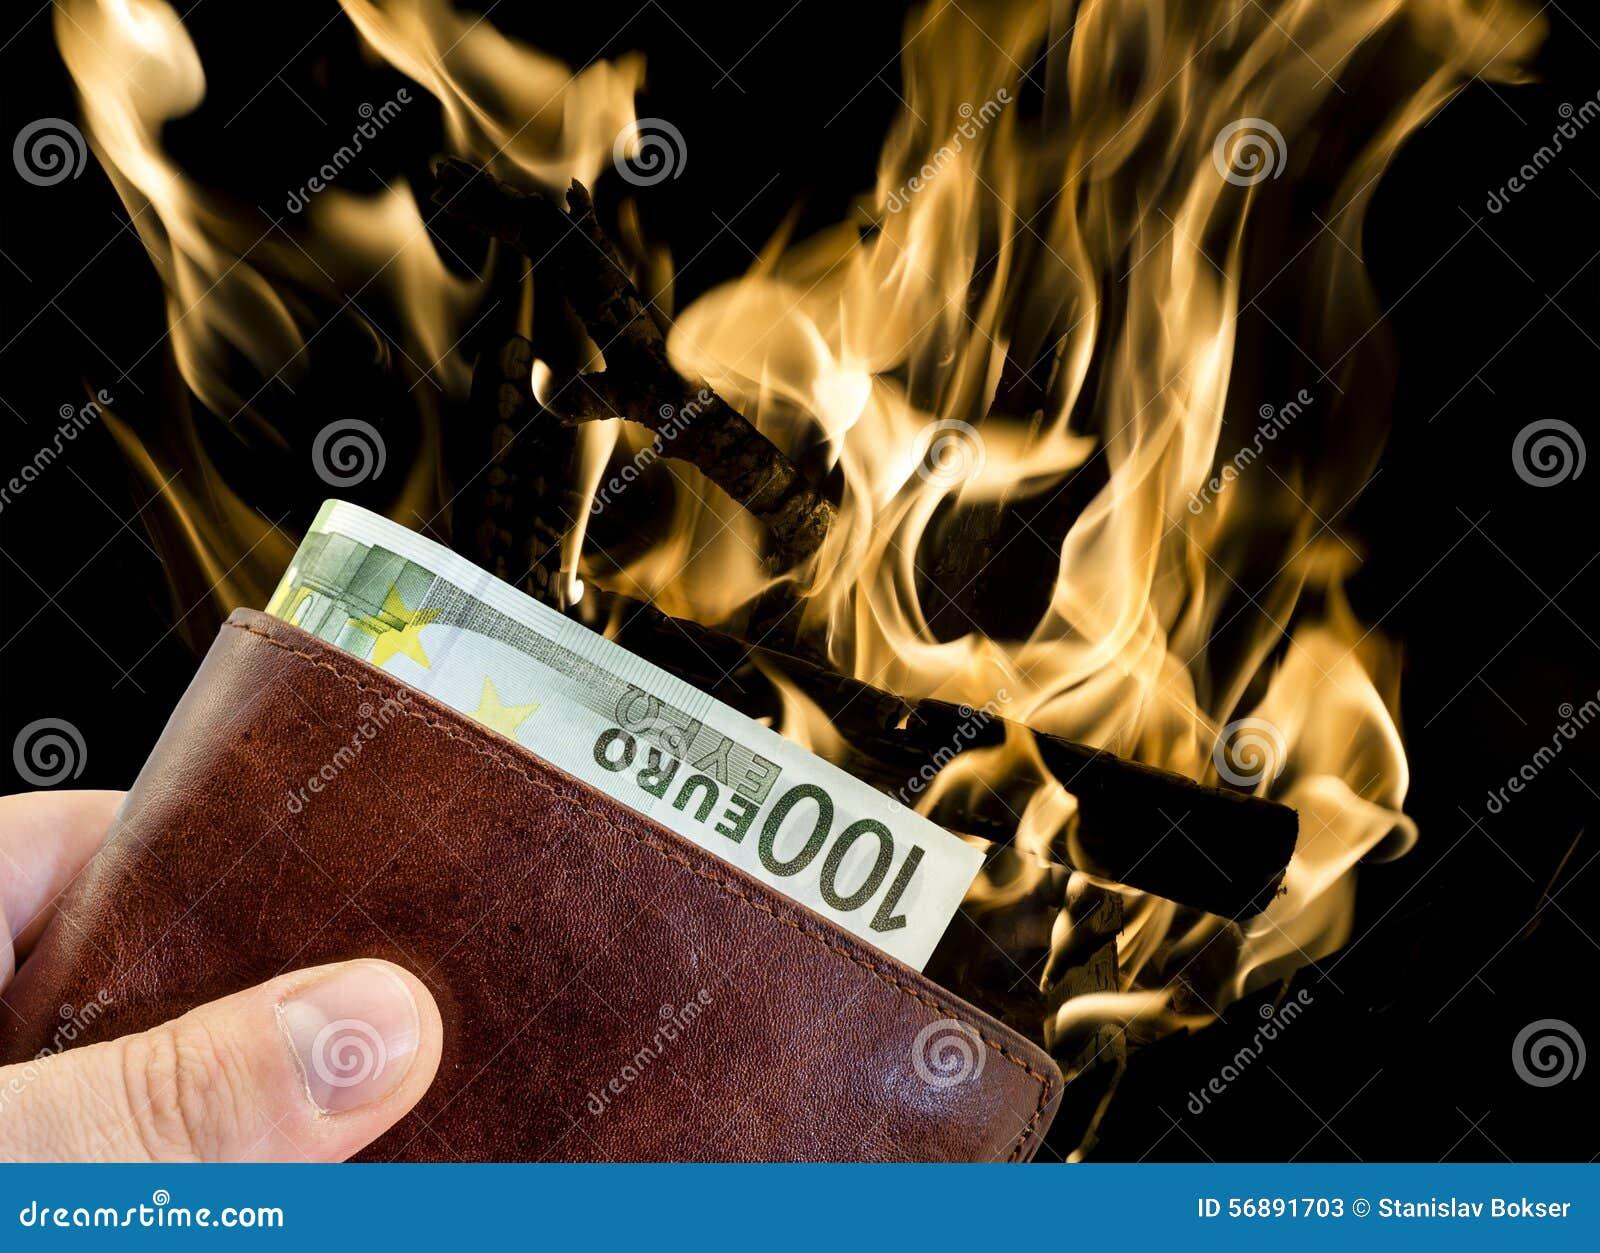 Dando dono dal portafoglio di cuoio marrone con cento euro con fuoco bruciante isolato